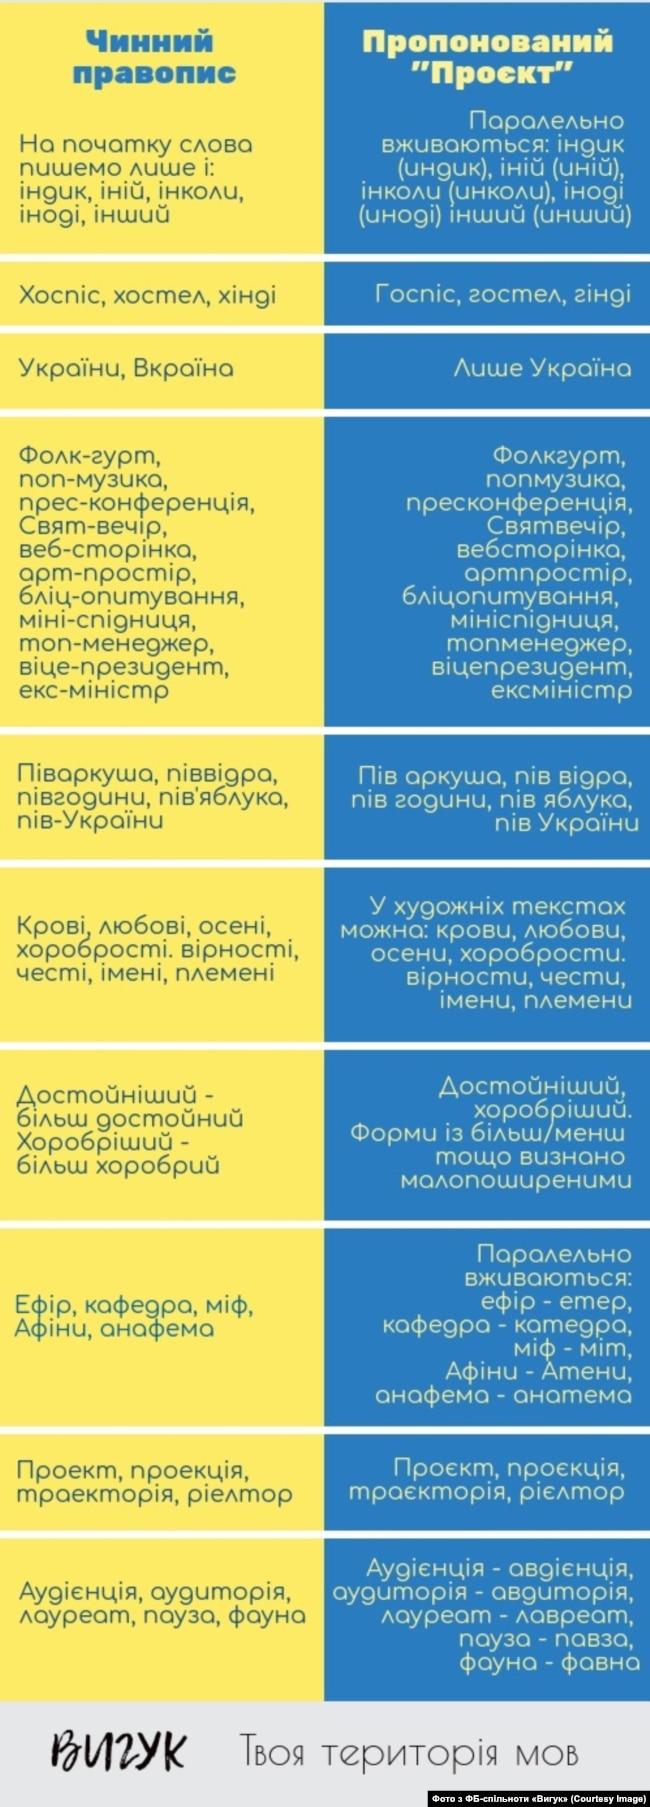 Порівняльна таблиця змін, які пропонуються у проекті нового українського правопису